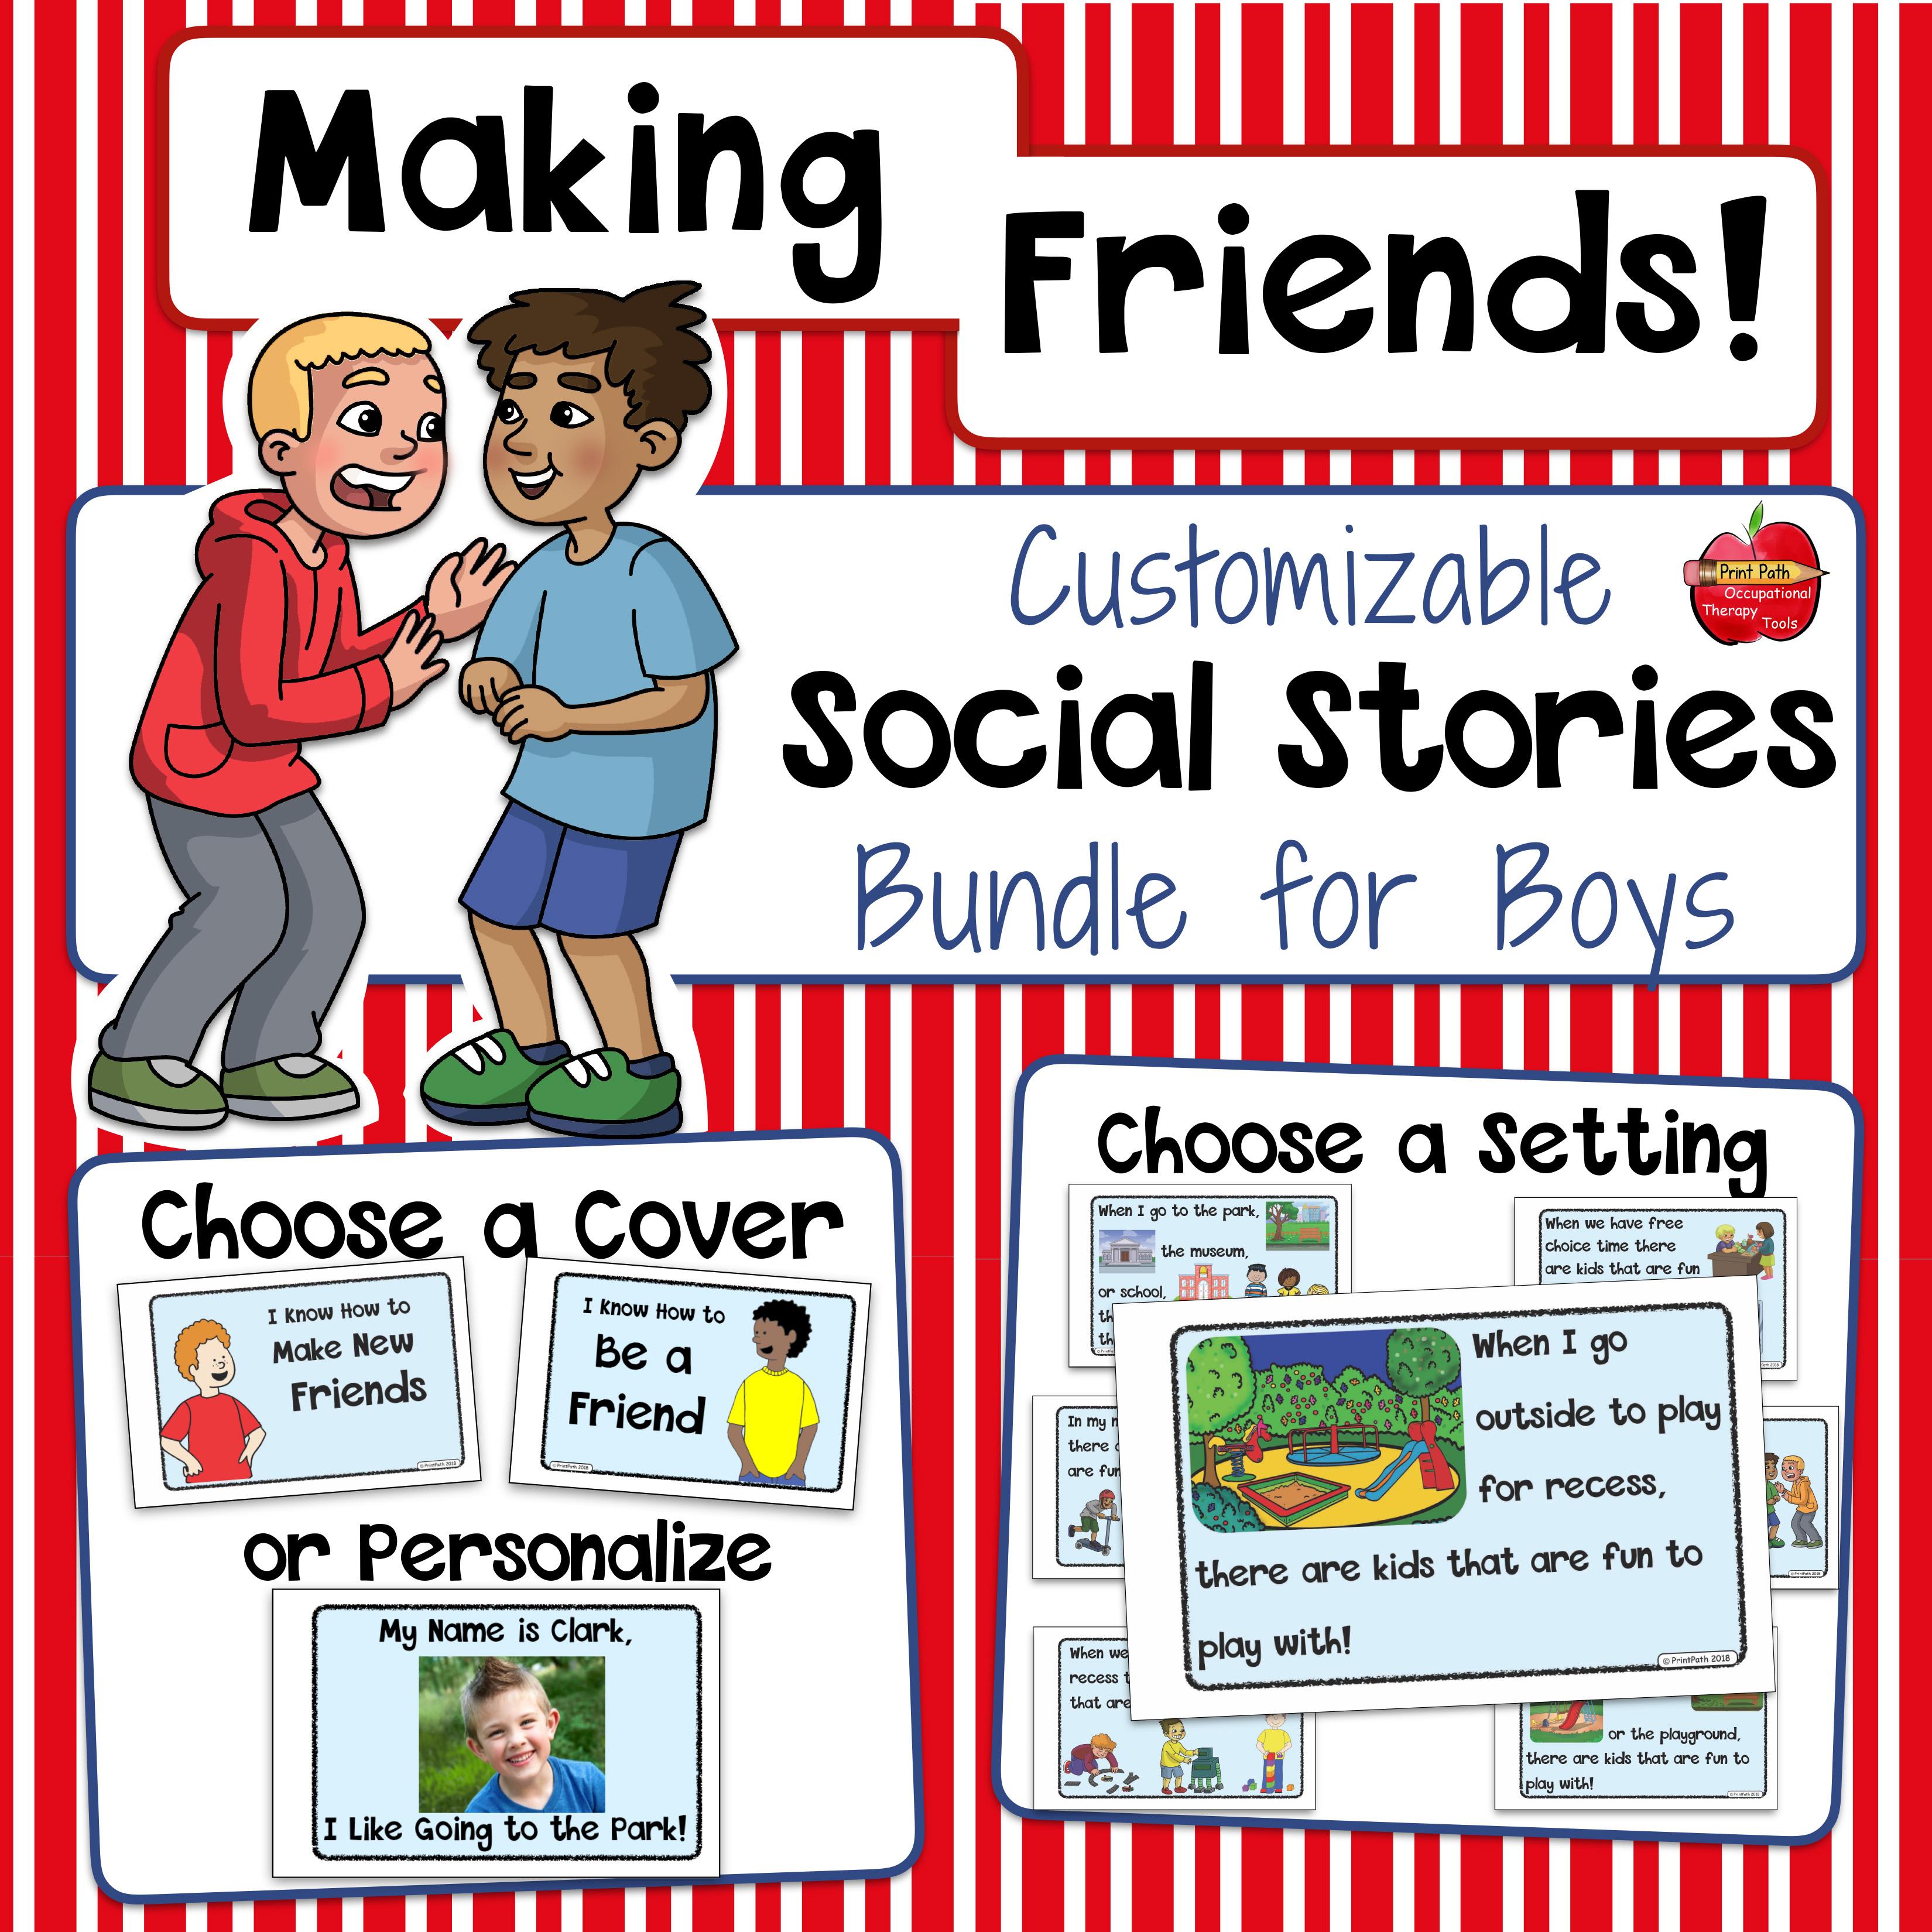 How is it - making friends